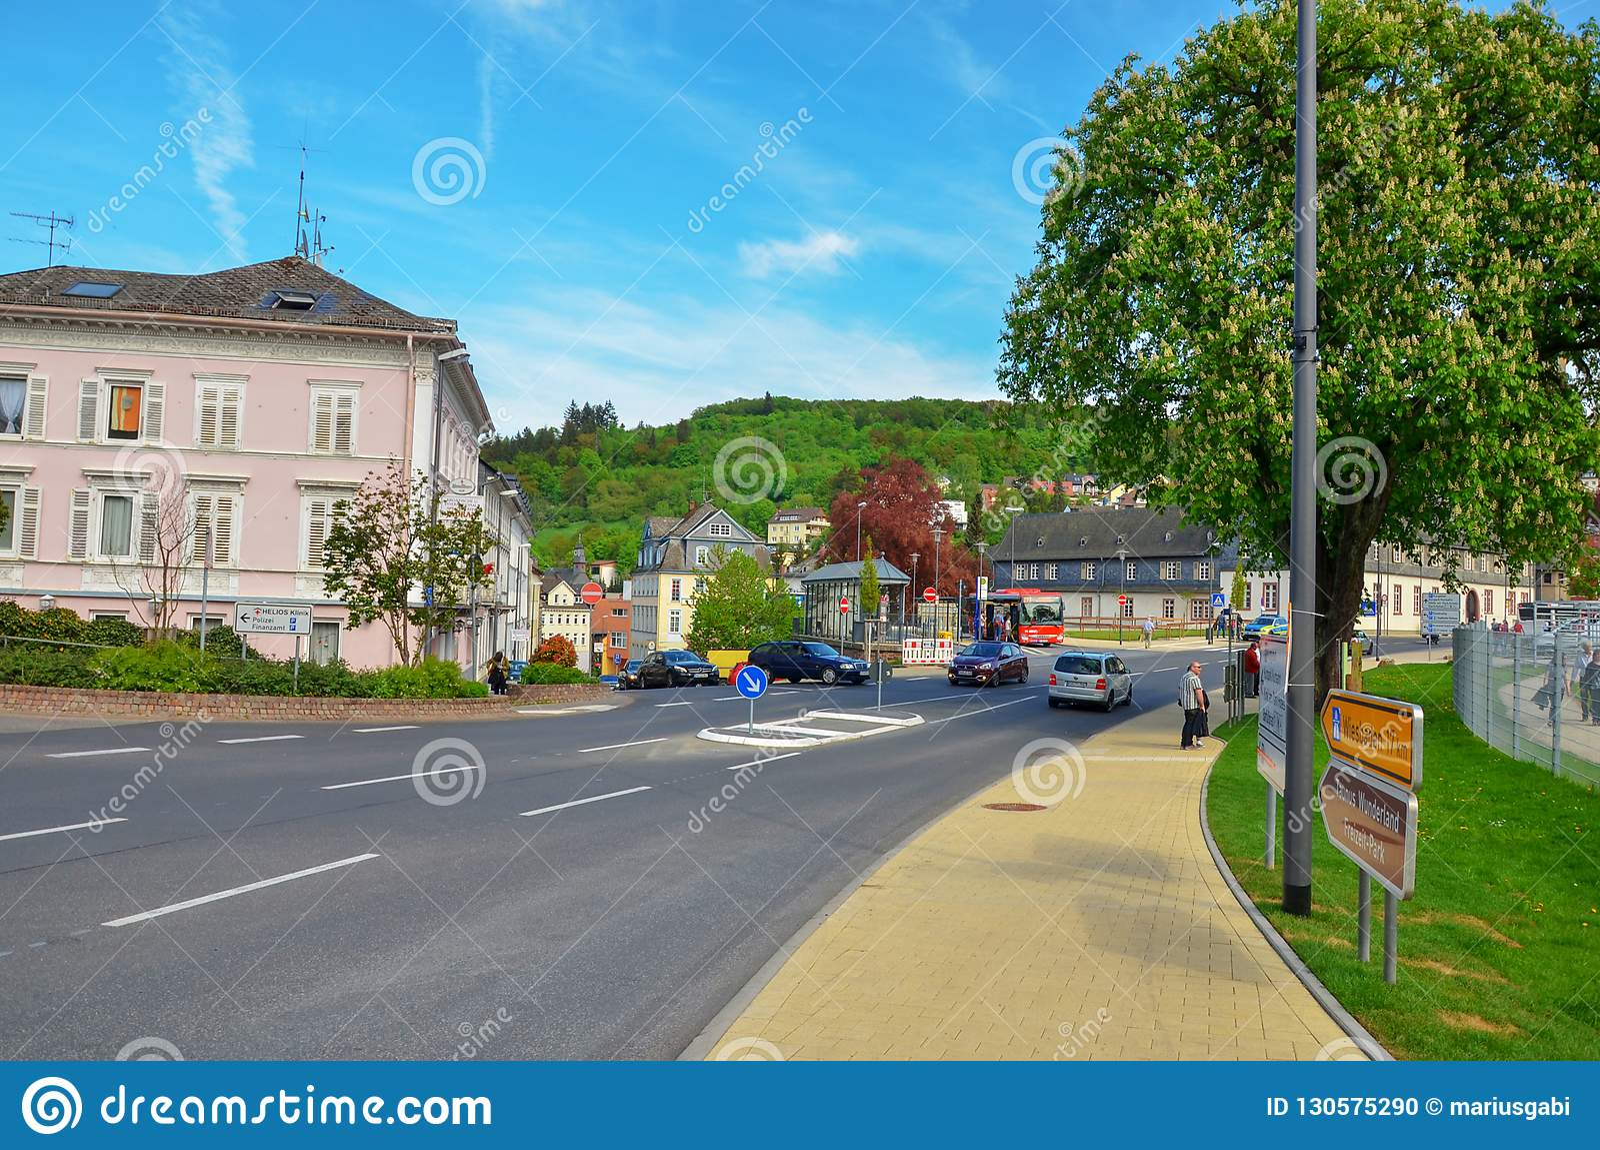 Casino Bad Schwalbach, Germany